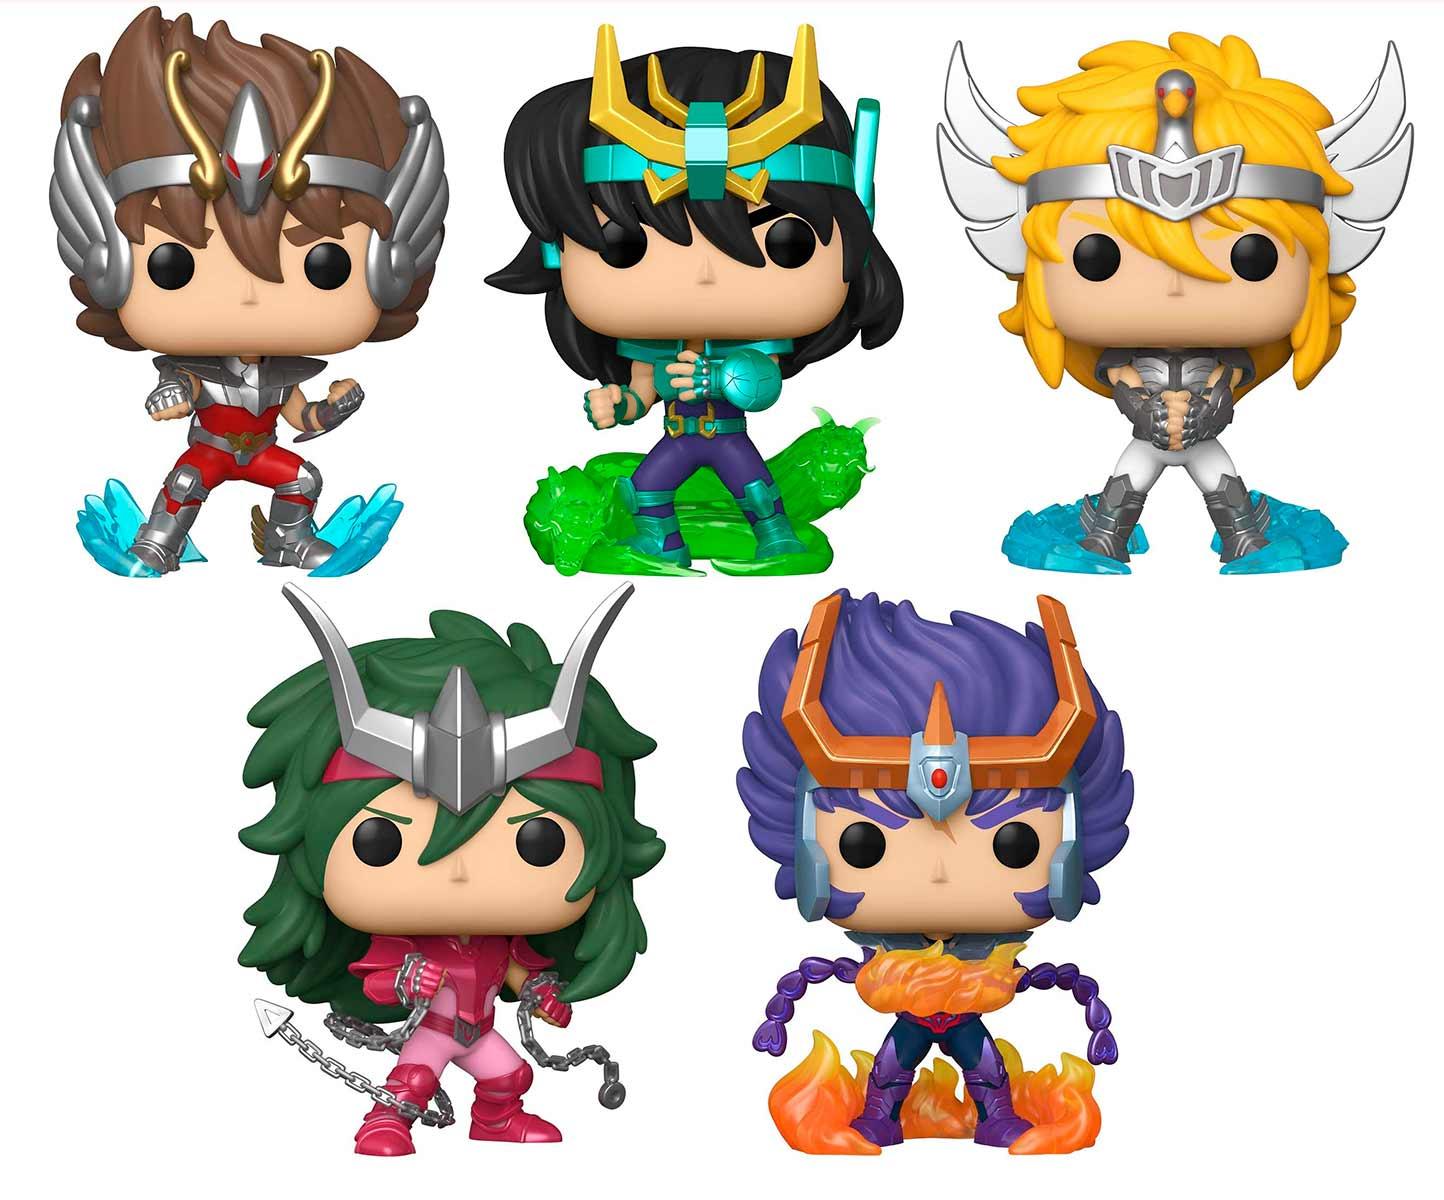 Funko Pop Cavaleiros do Zodiaco Saint Seiya Set de 5 Personagens